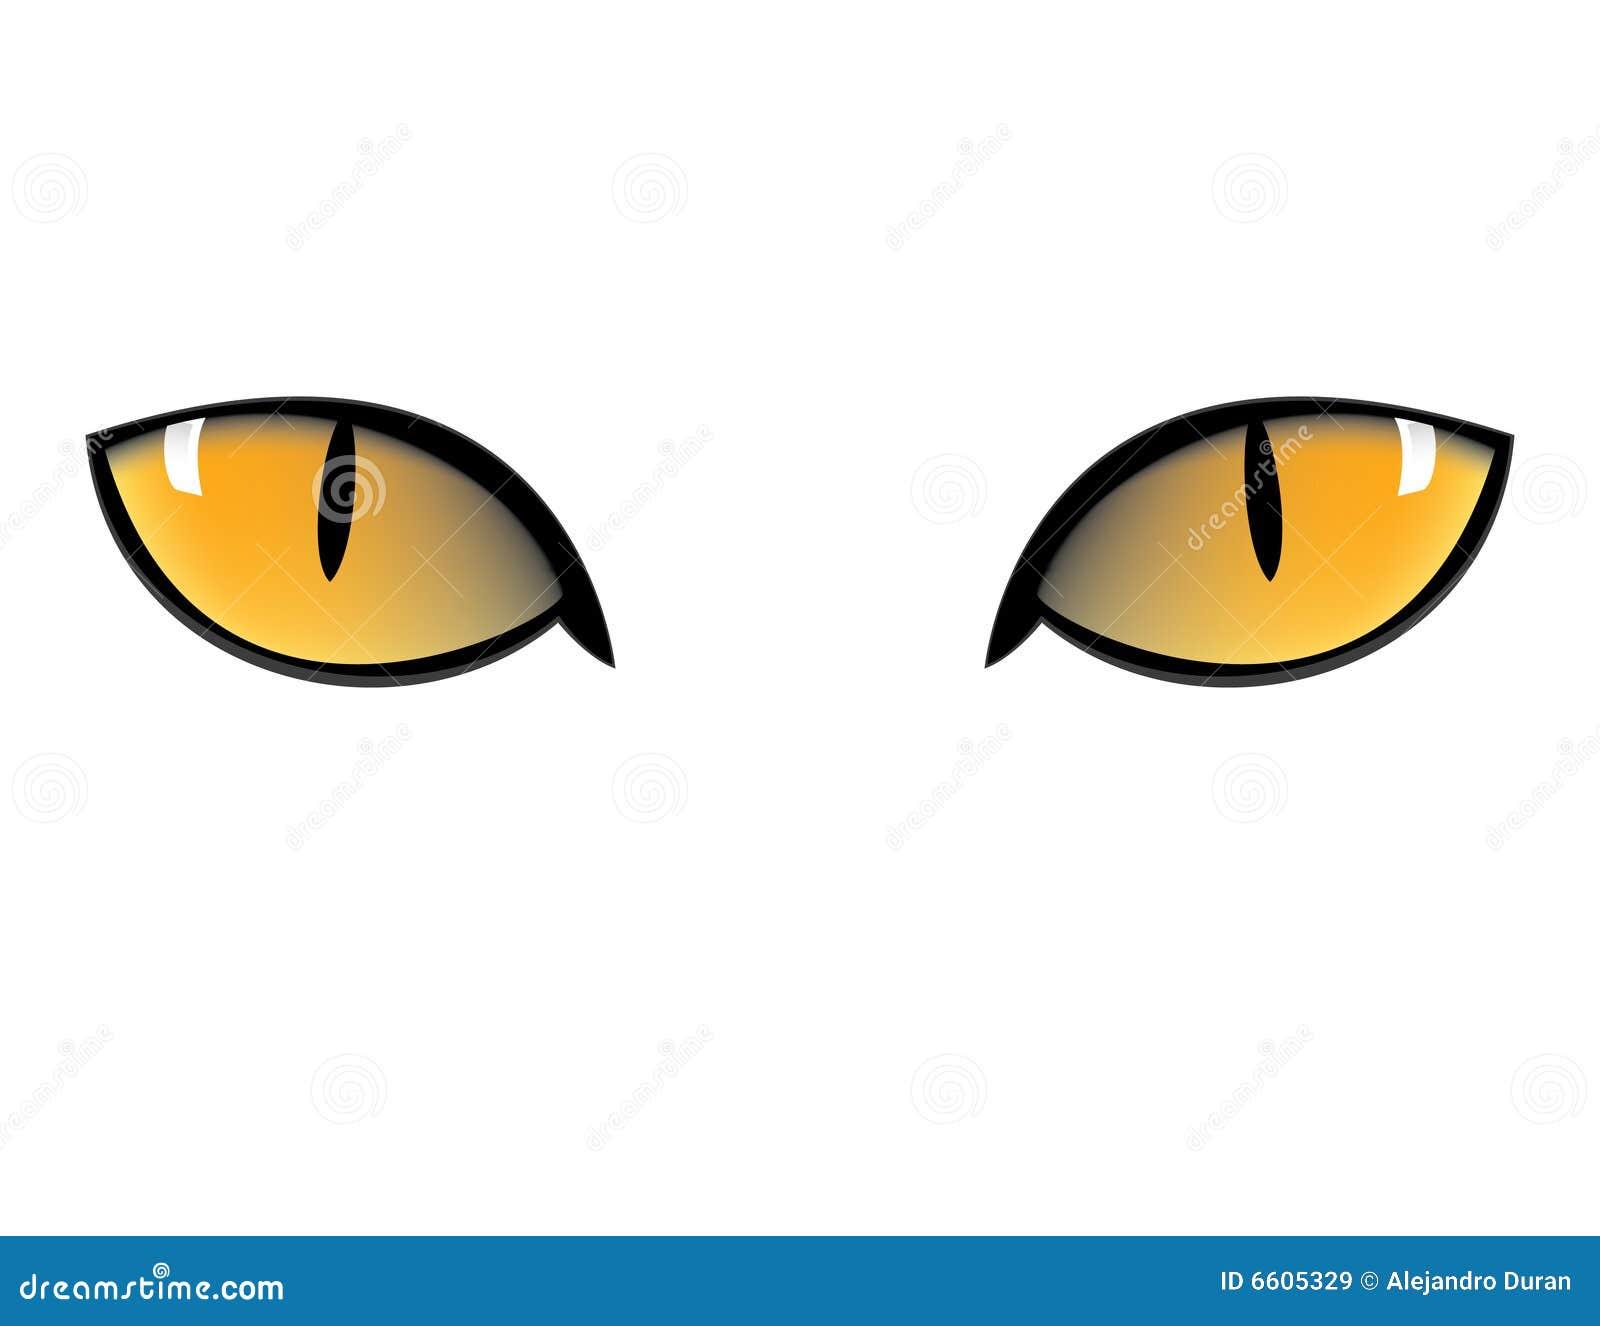 Cats Eye Vector